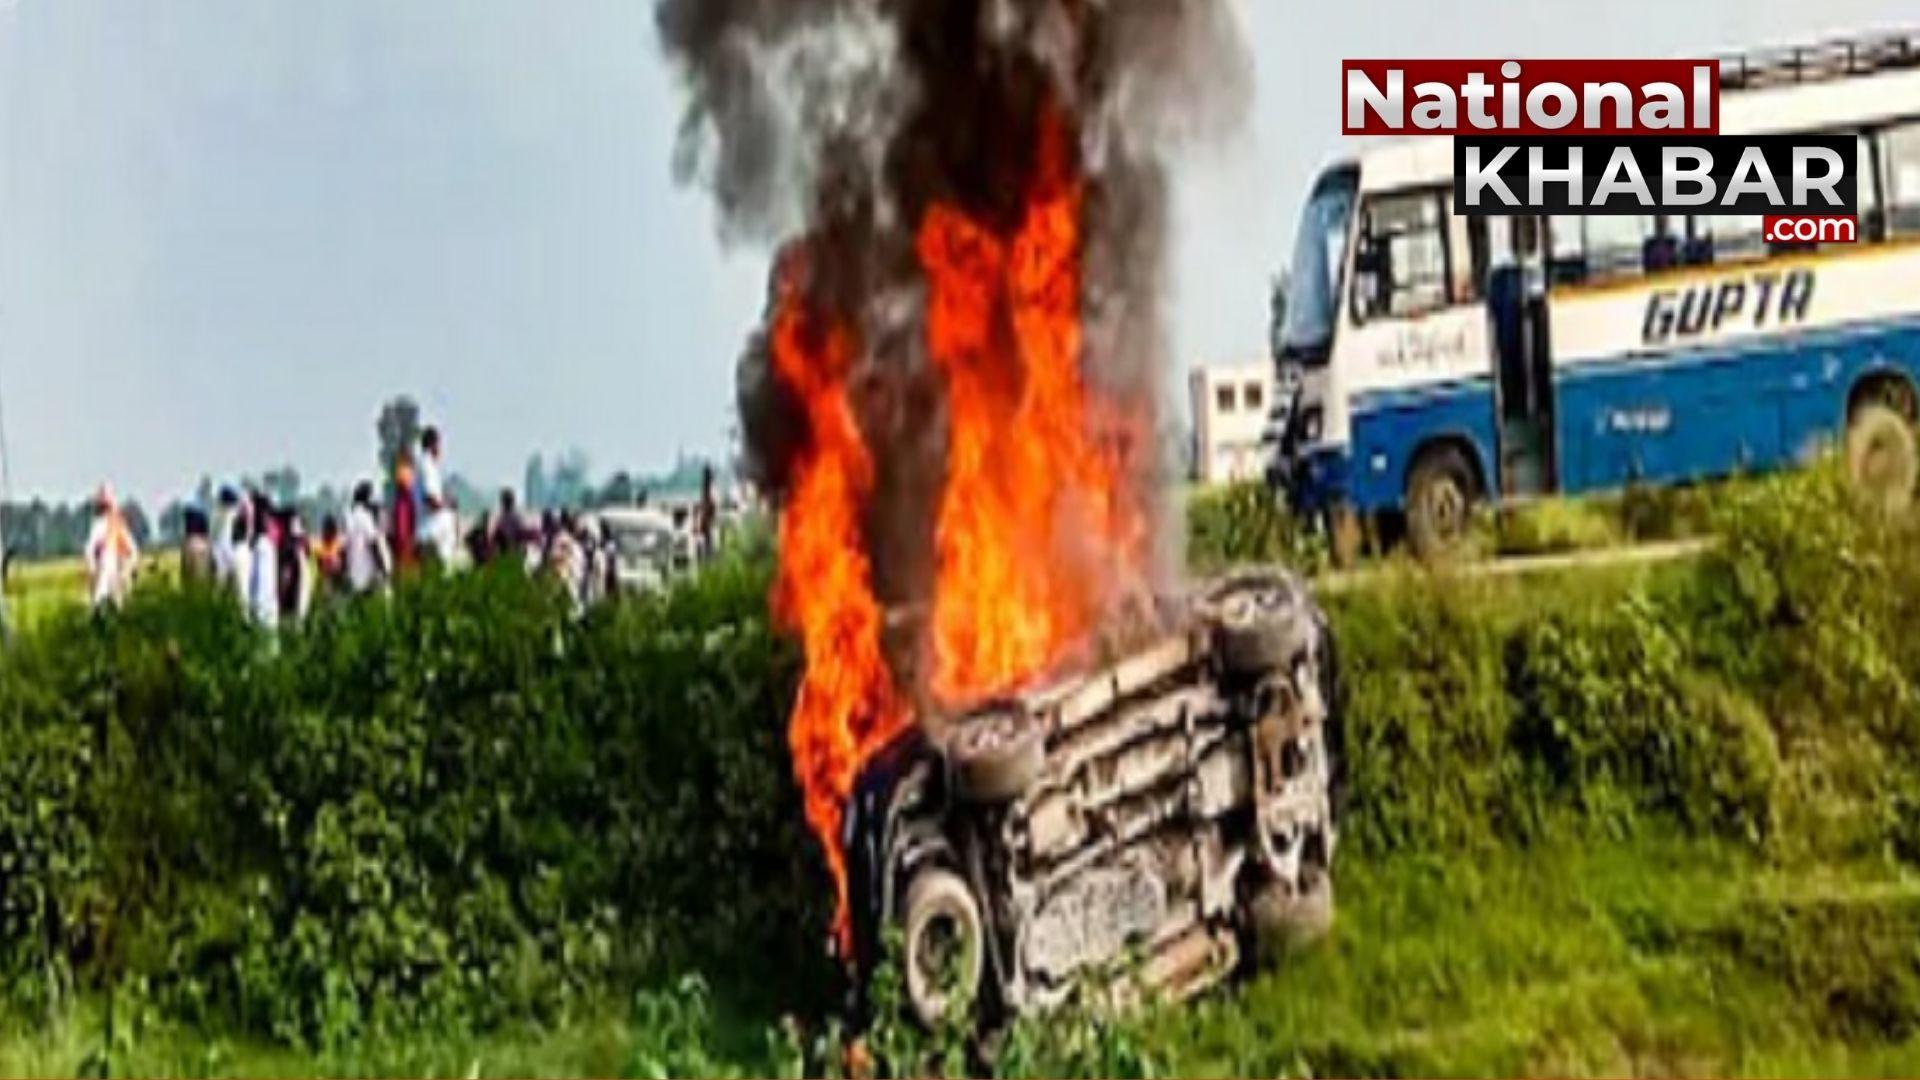 लखीमपुर खीरी हिंसा में पुलिस की लापरवाही, सबूतों सो दो दिनों तक होता रहा खिलवाड़